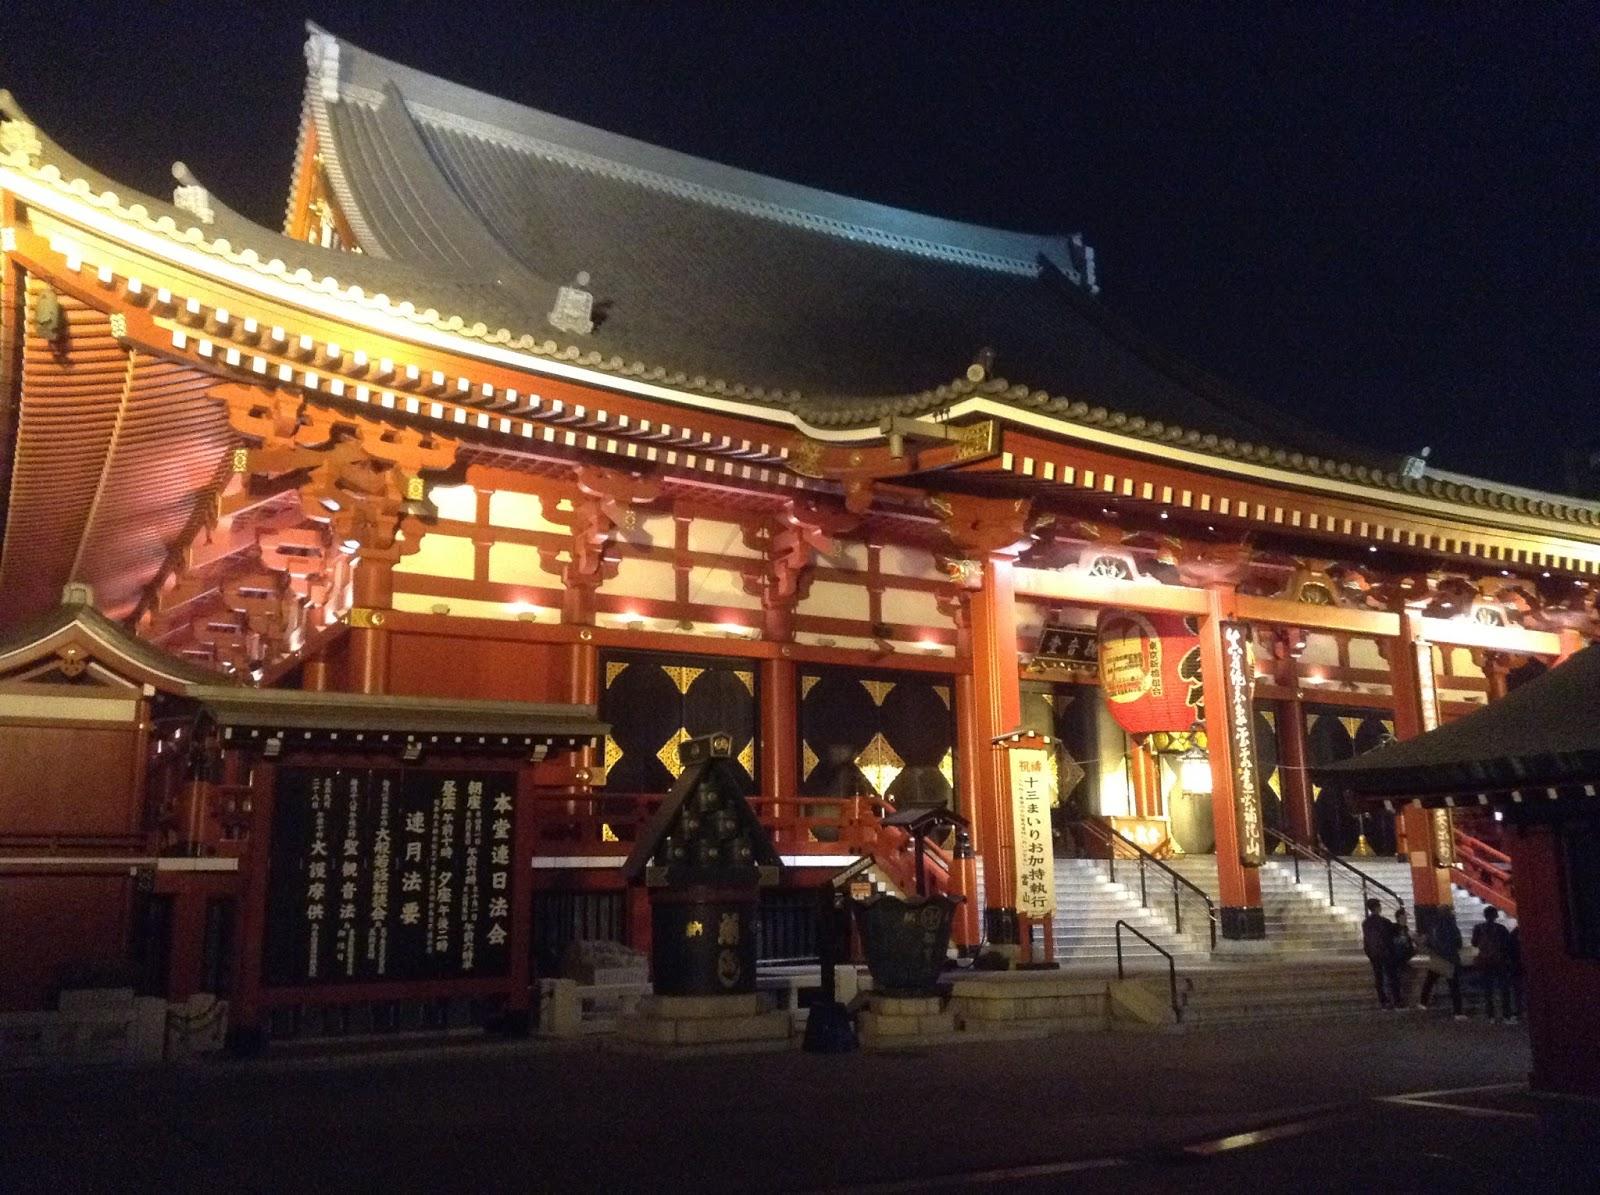 Tokyo Asakusa at night